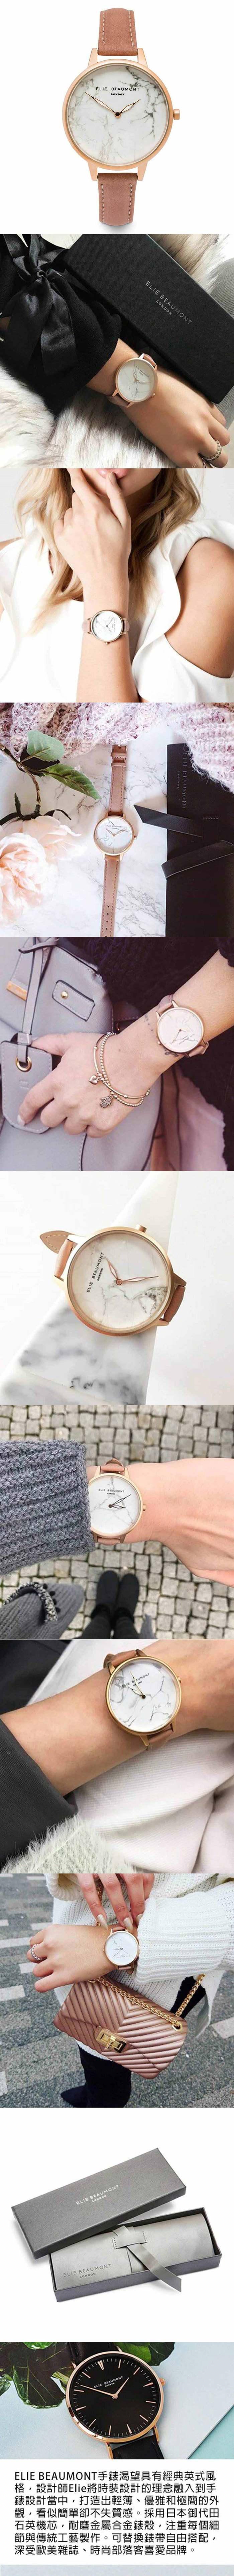 (複製)Elie Beaumont 英國時尚手錶 HOXTON系列 黑錶盤皮革錶帶x玫瑰金錶框38mm